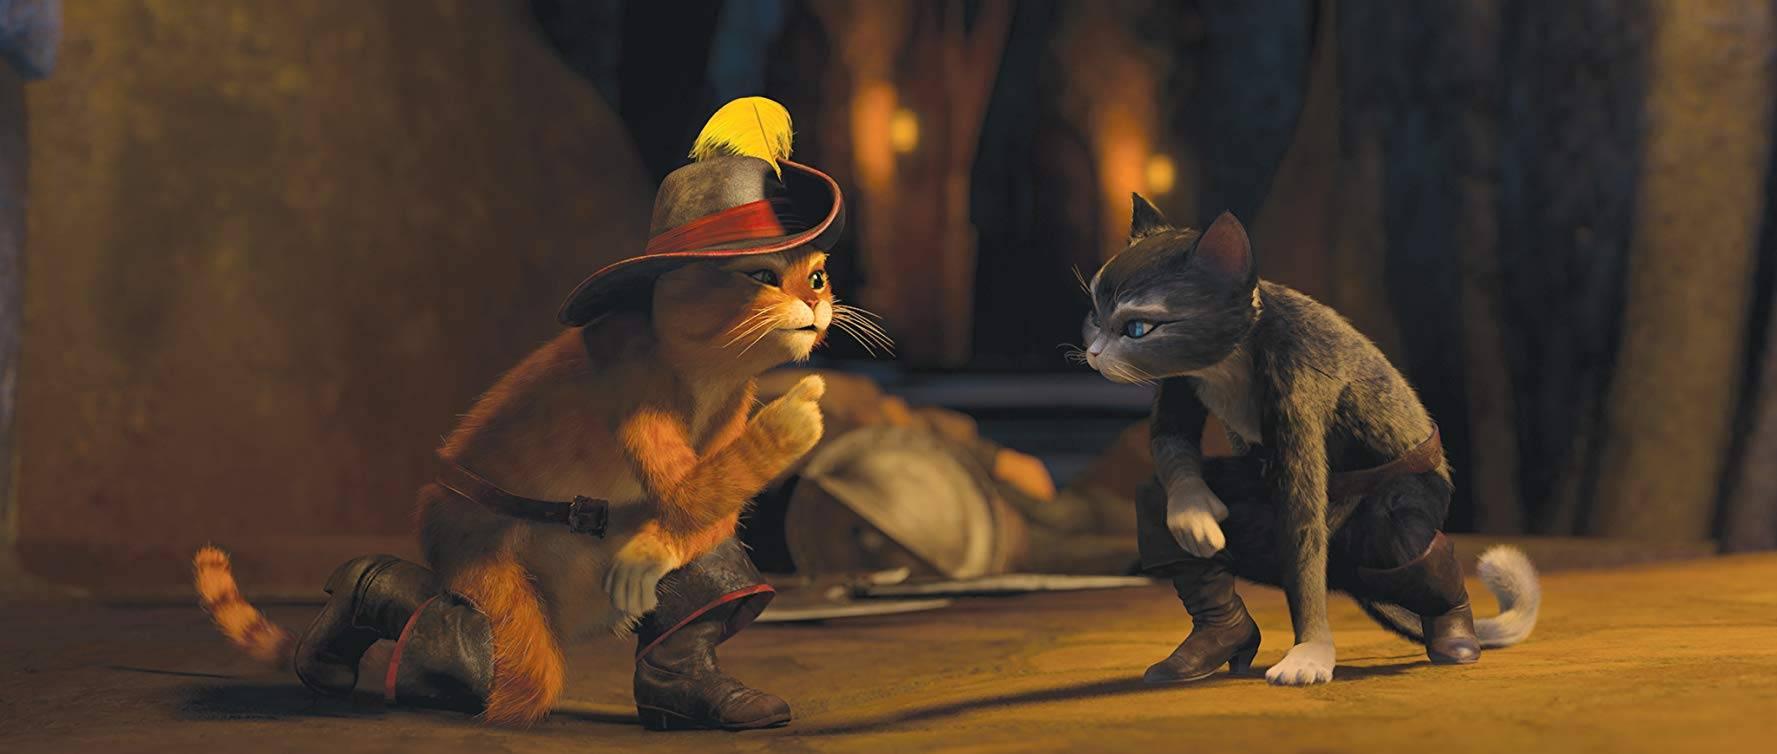 СМИ: DreamWorks запускает в производство вторую часть «Кота в сапогах»